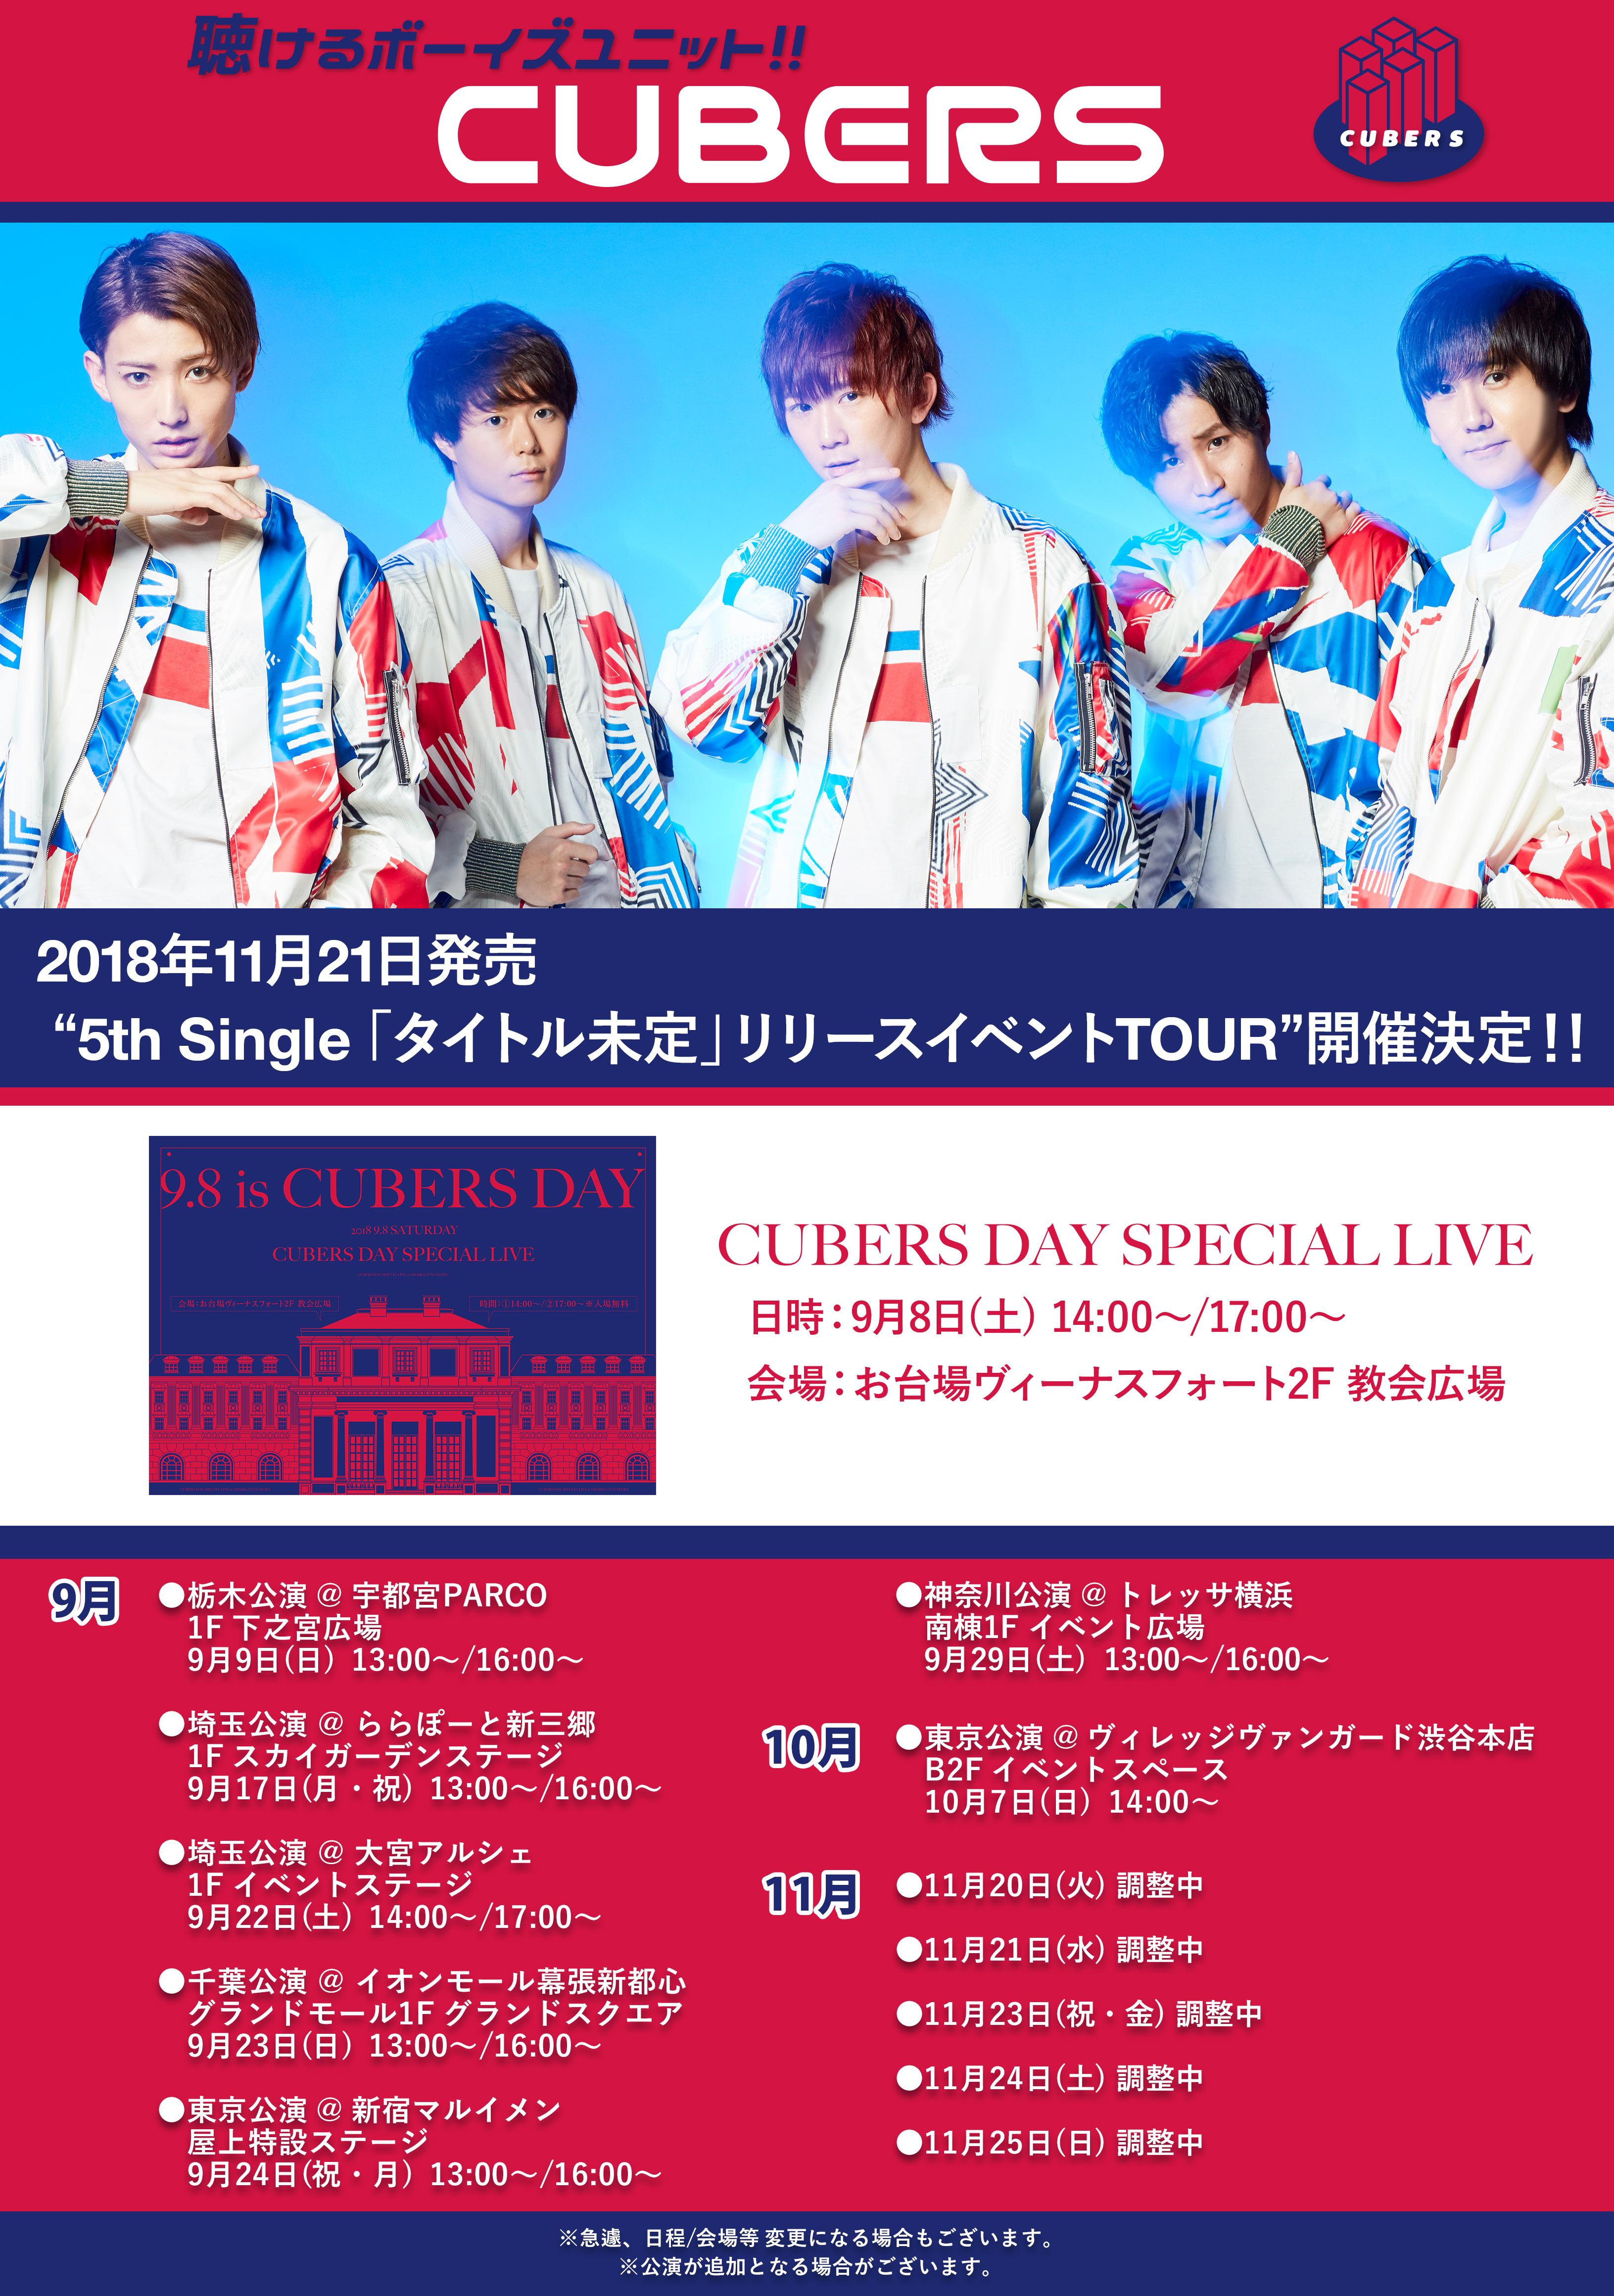 ★☆11月21日発売 5th Single「タイトル未定」リリースイベントTOUR日程発表★☆